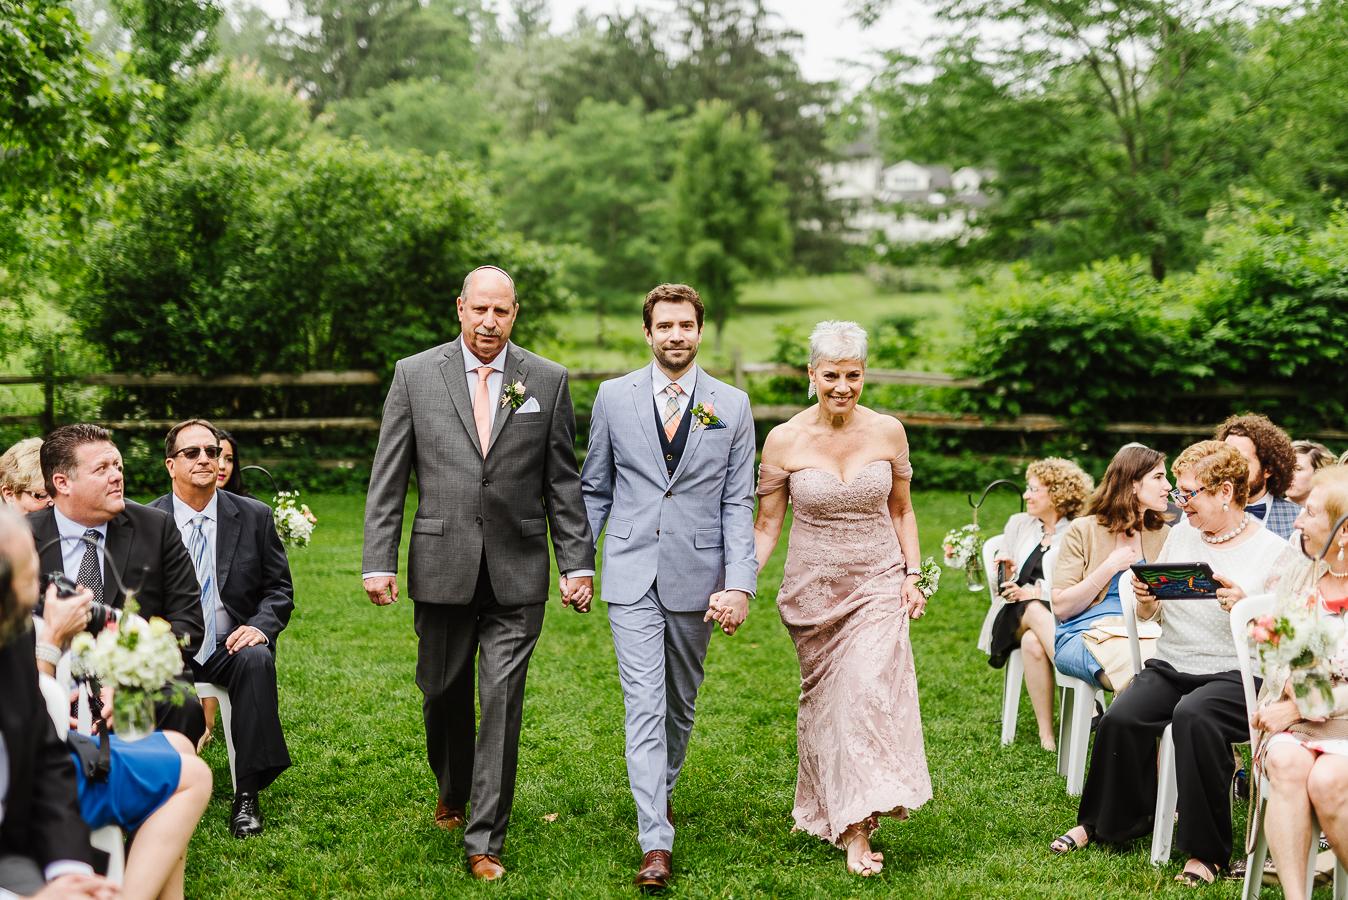 Stylish Crossed Keys Inn Wedding Crossed Keys Wedding Crossed Keys Inn Andover NJ Longbrook Photography-33.jpg